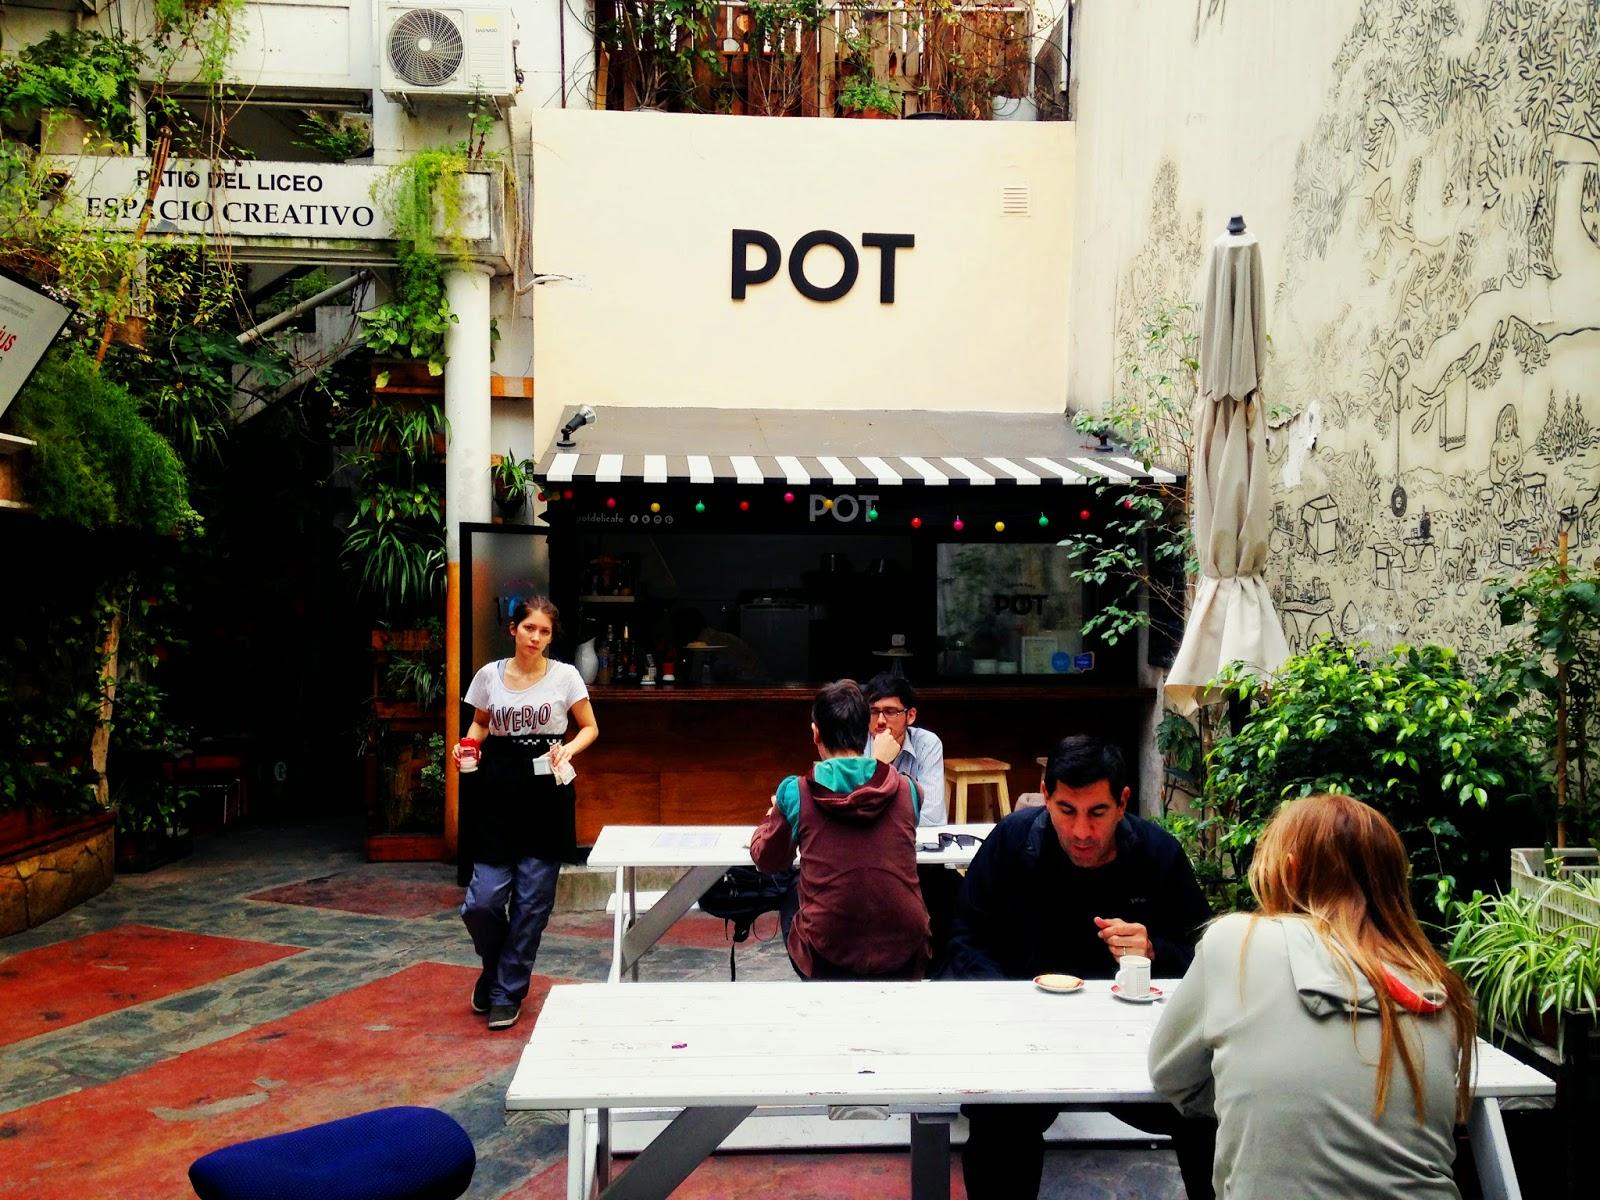 Foto de Pot cafeteria en Buenos Aires